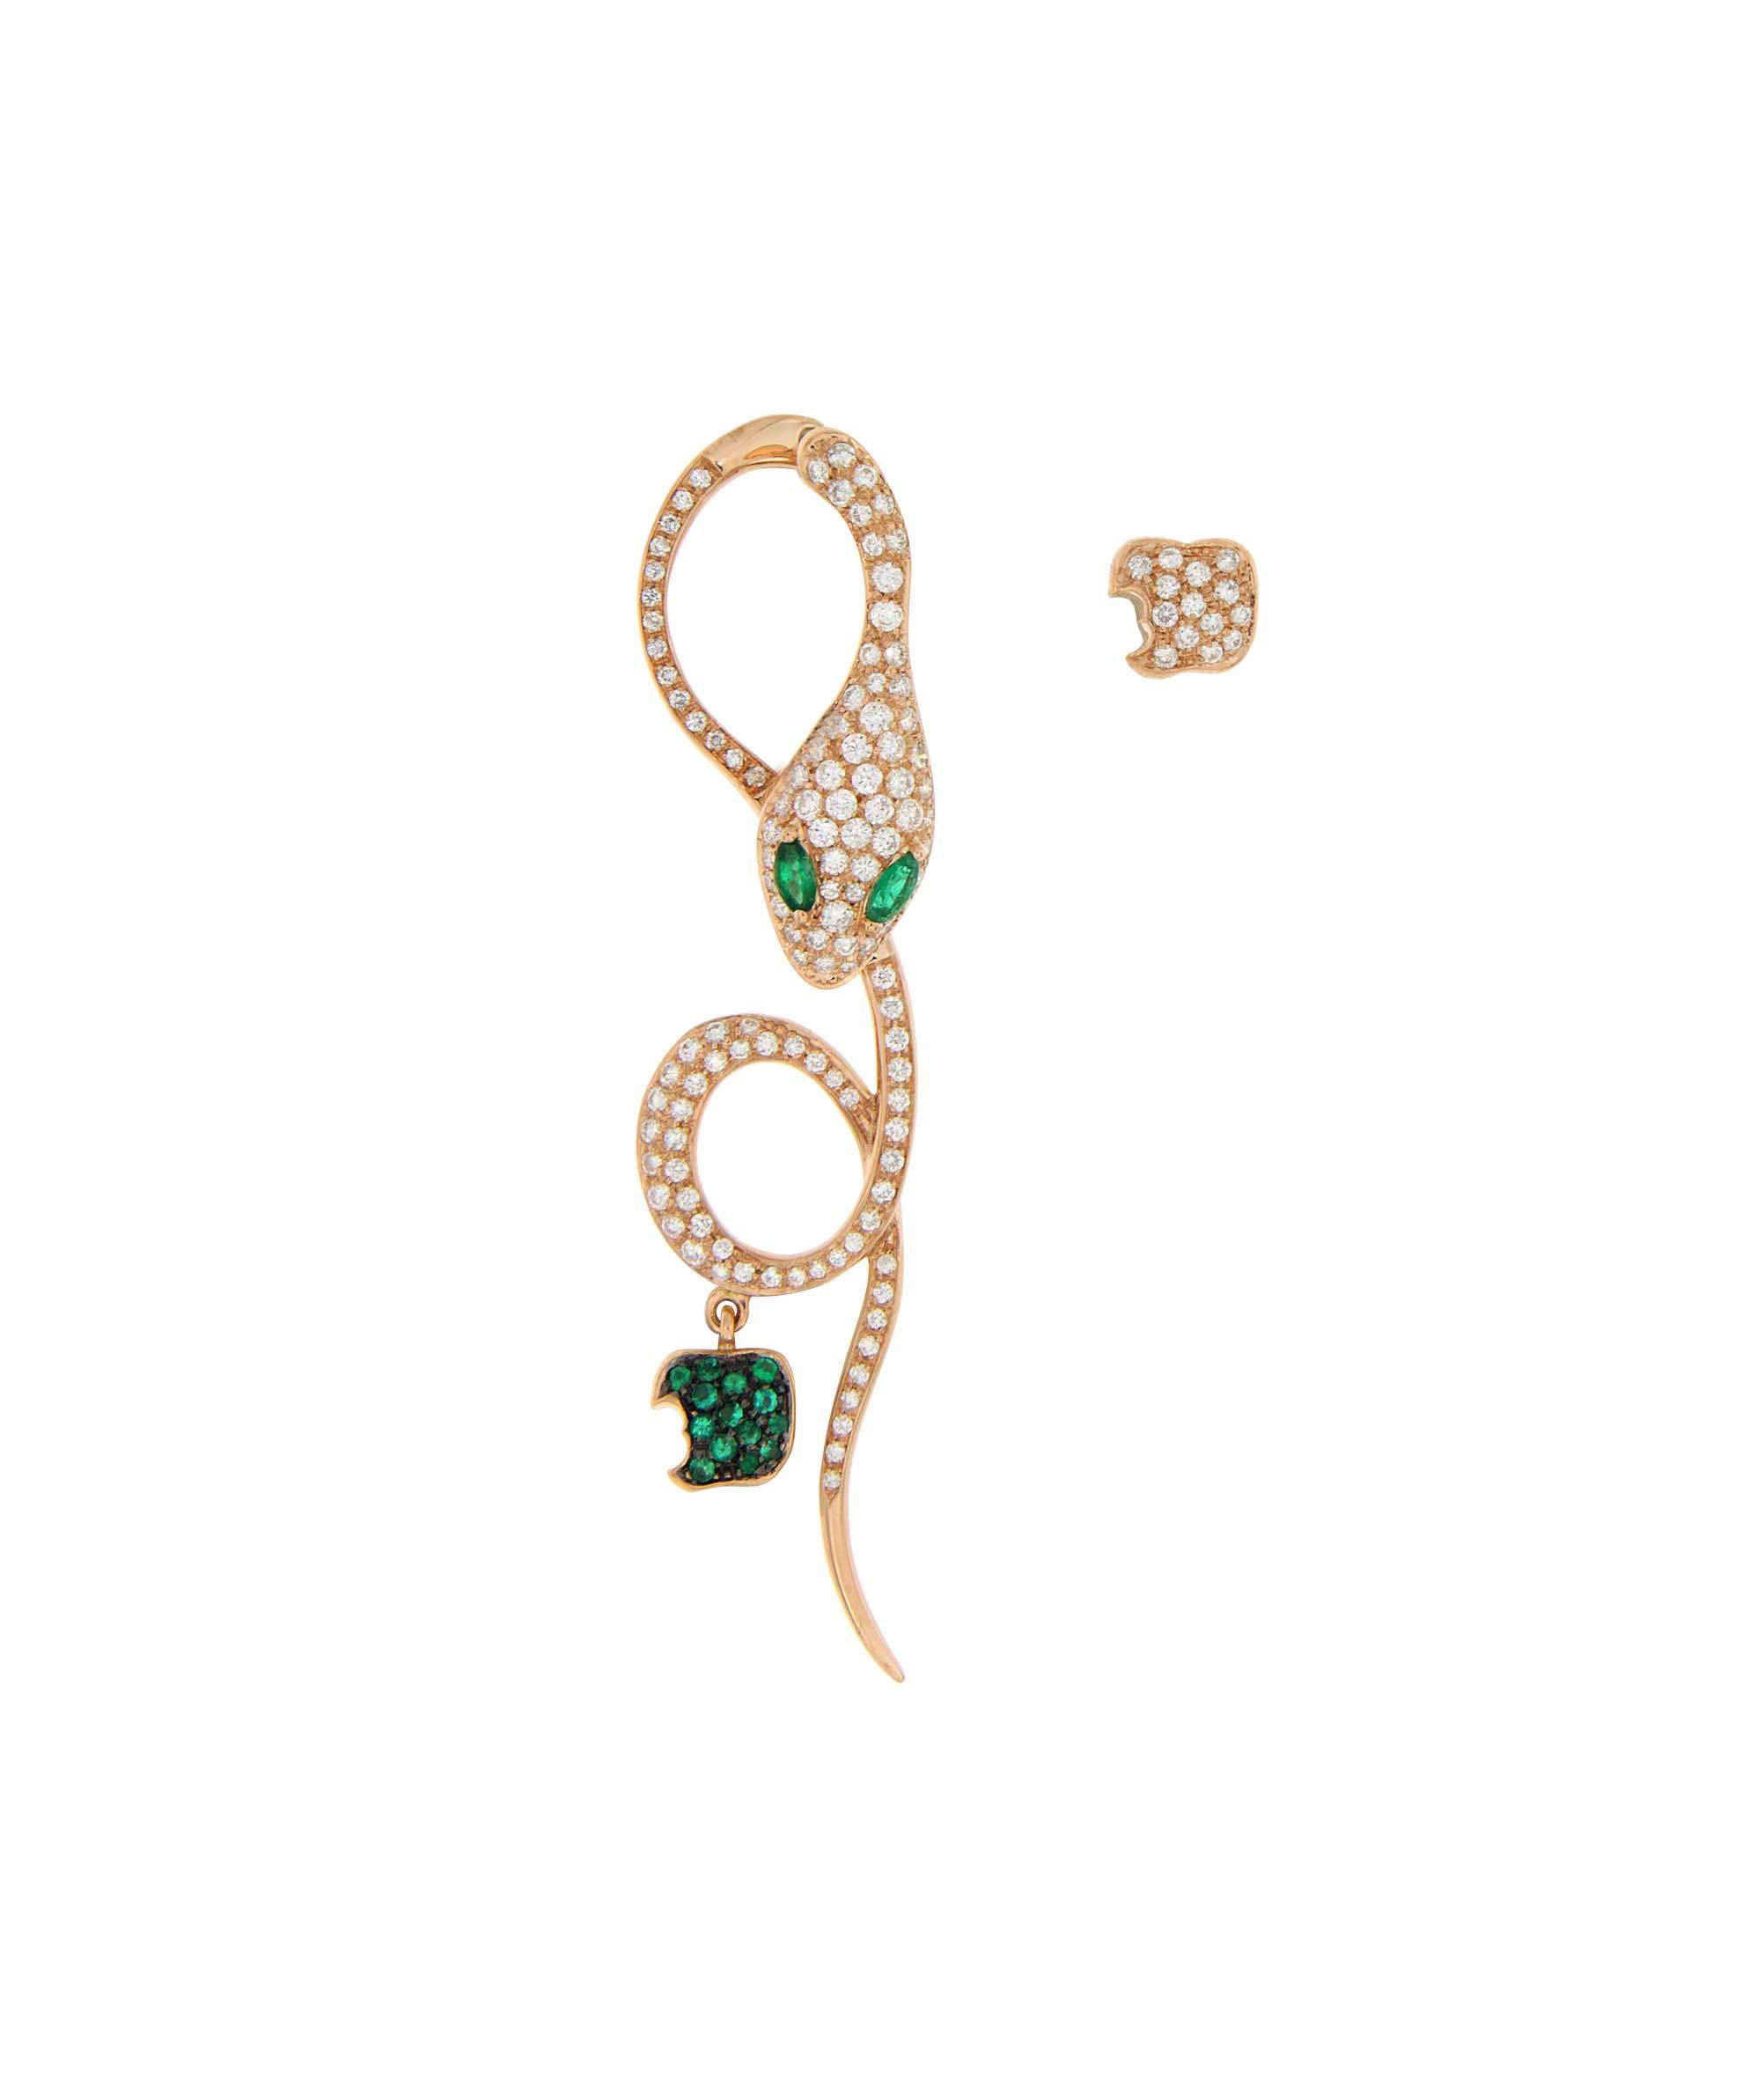 Monorecchino in oro rosa, diamanti e smeraldi